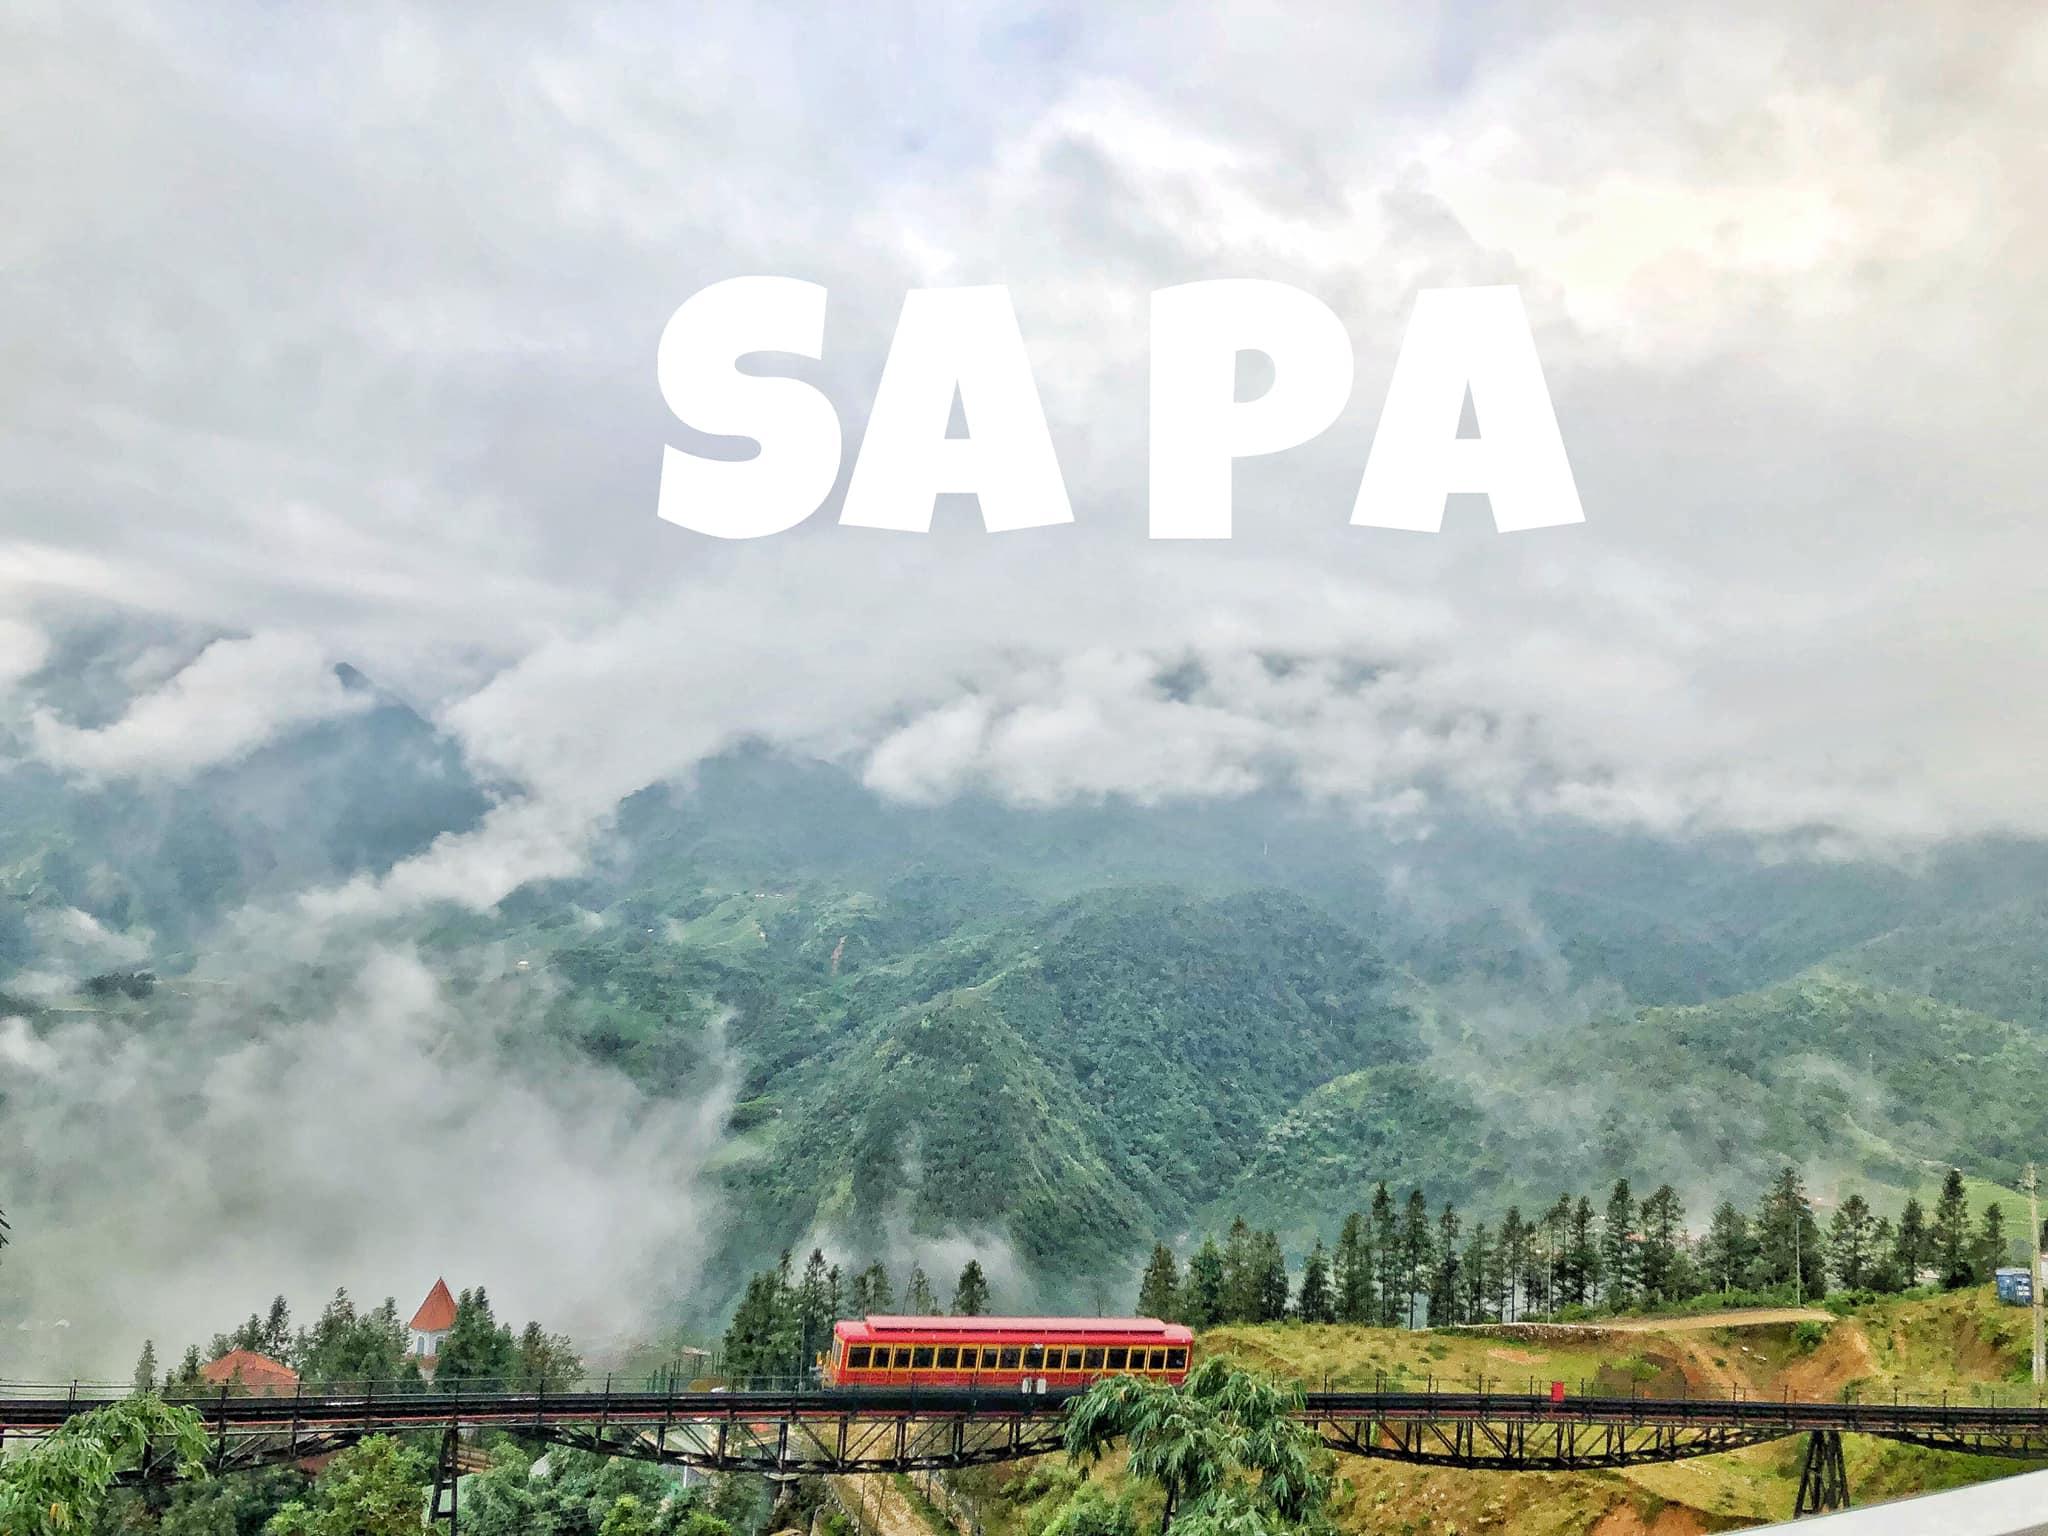 Giá vé các điểm du lịch Sapa tăng nhiều lên so với các năm trước lý do để giúp bà con xây dựng đường vào bản